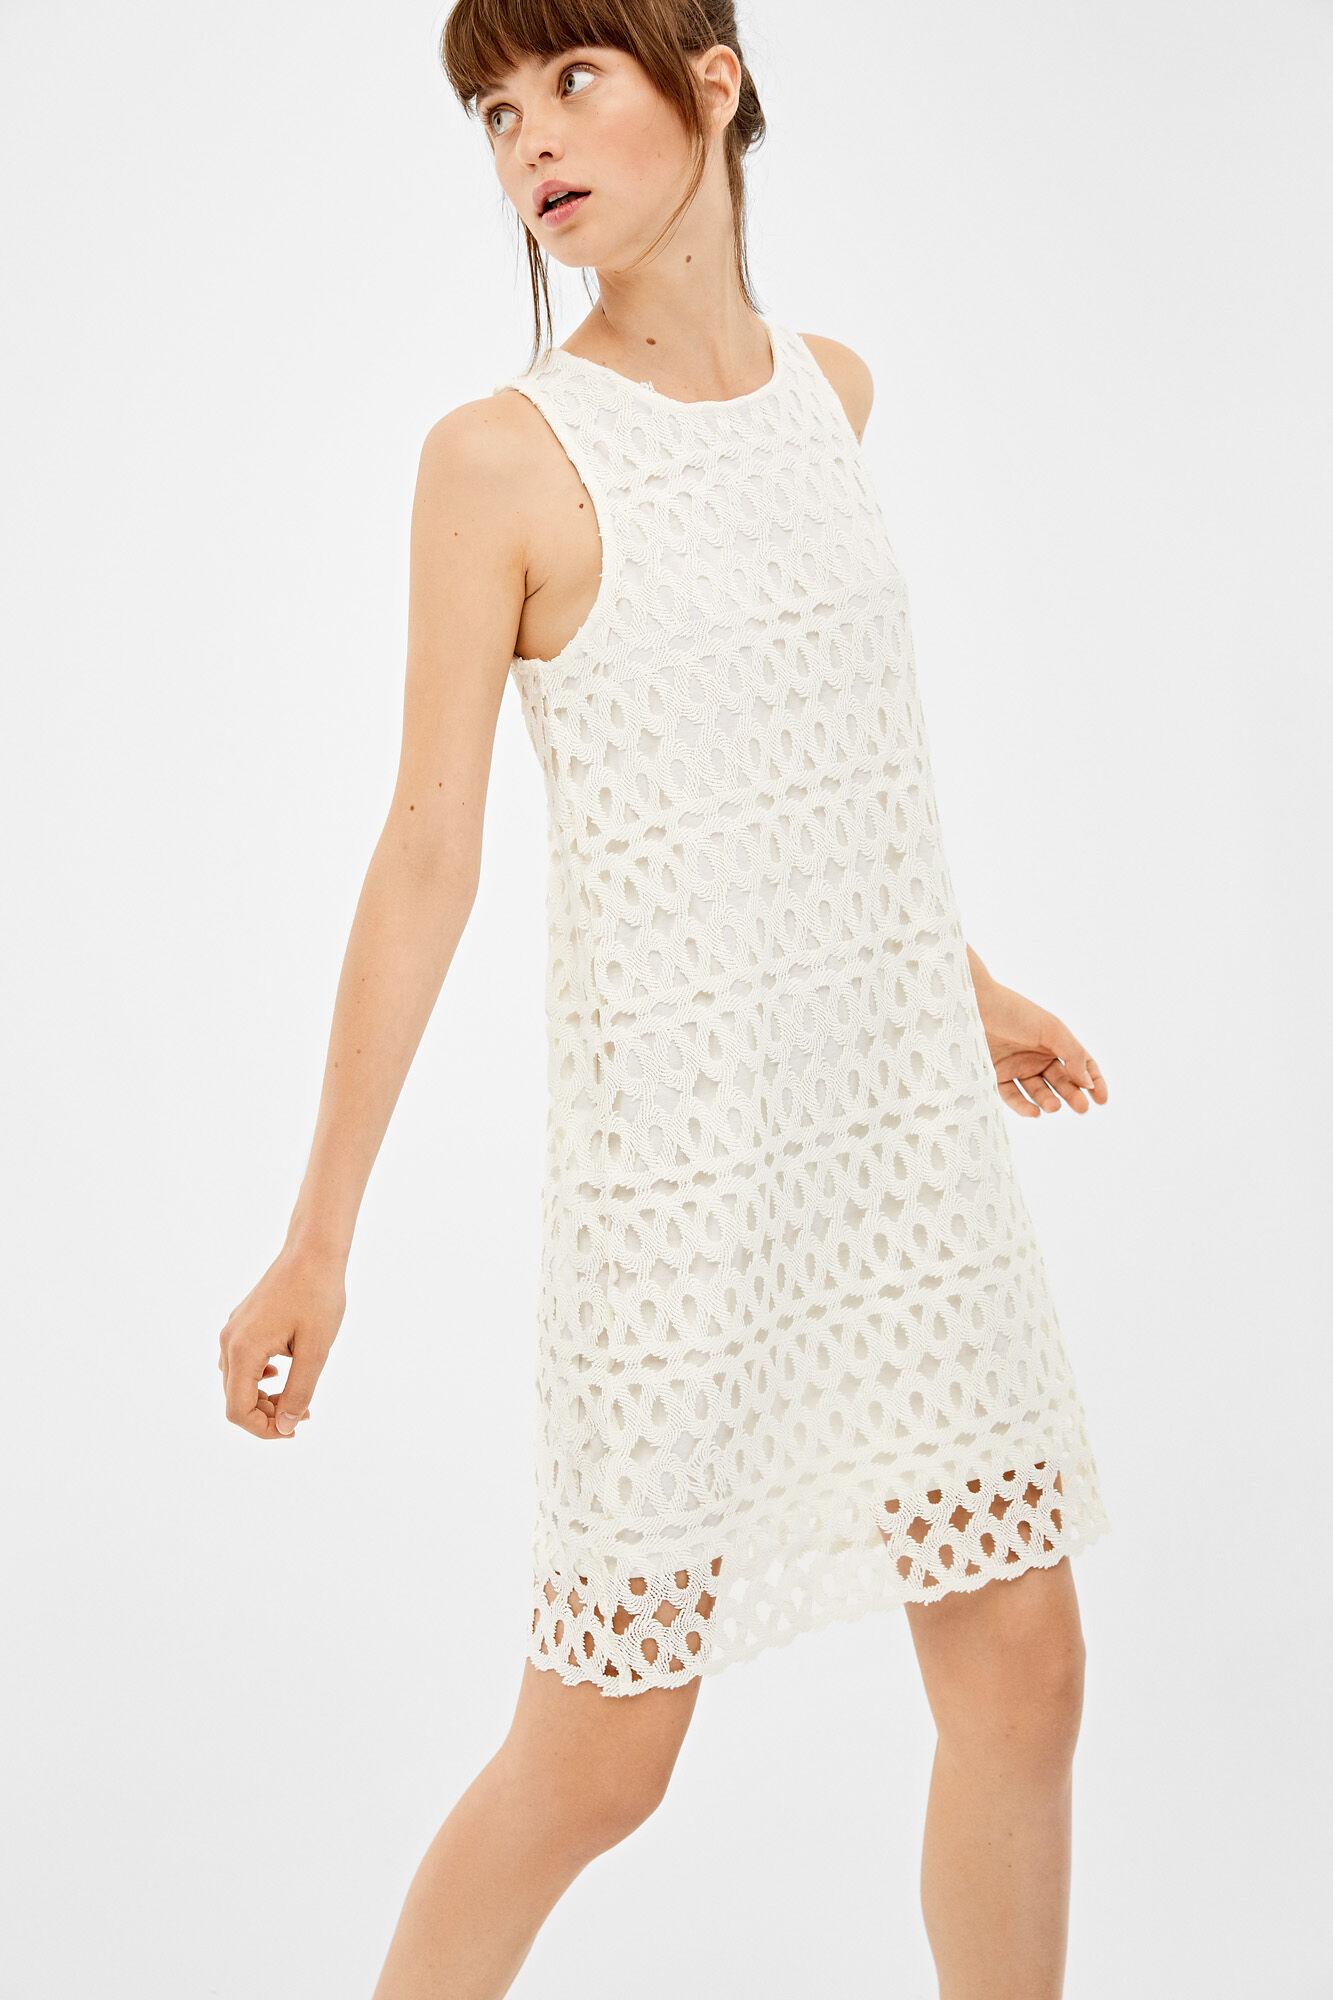 Treffen 775f6 9e6ae Kleid weiß Spitze   Kleider   Springfield Man & Woman